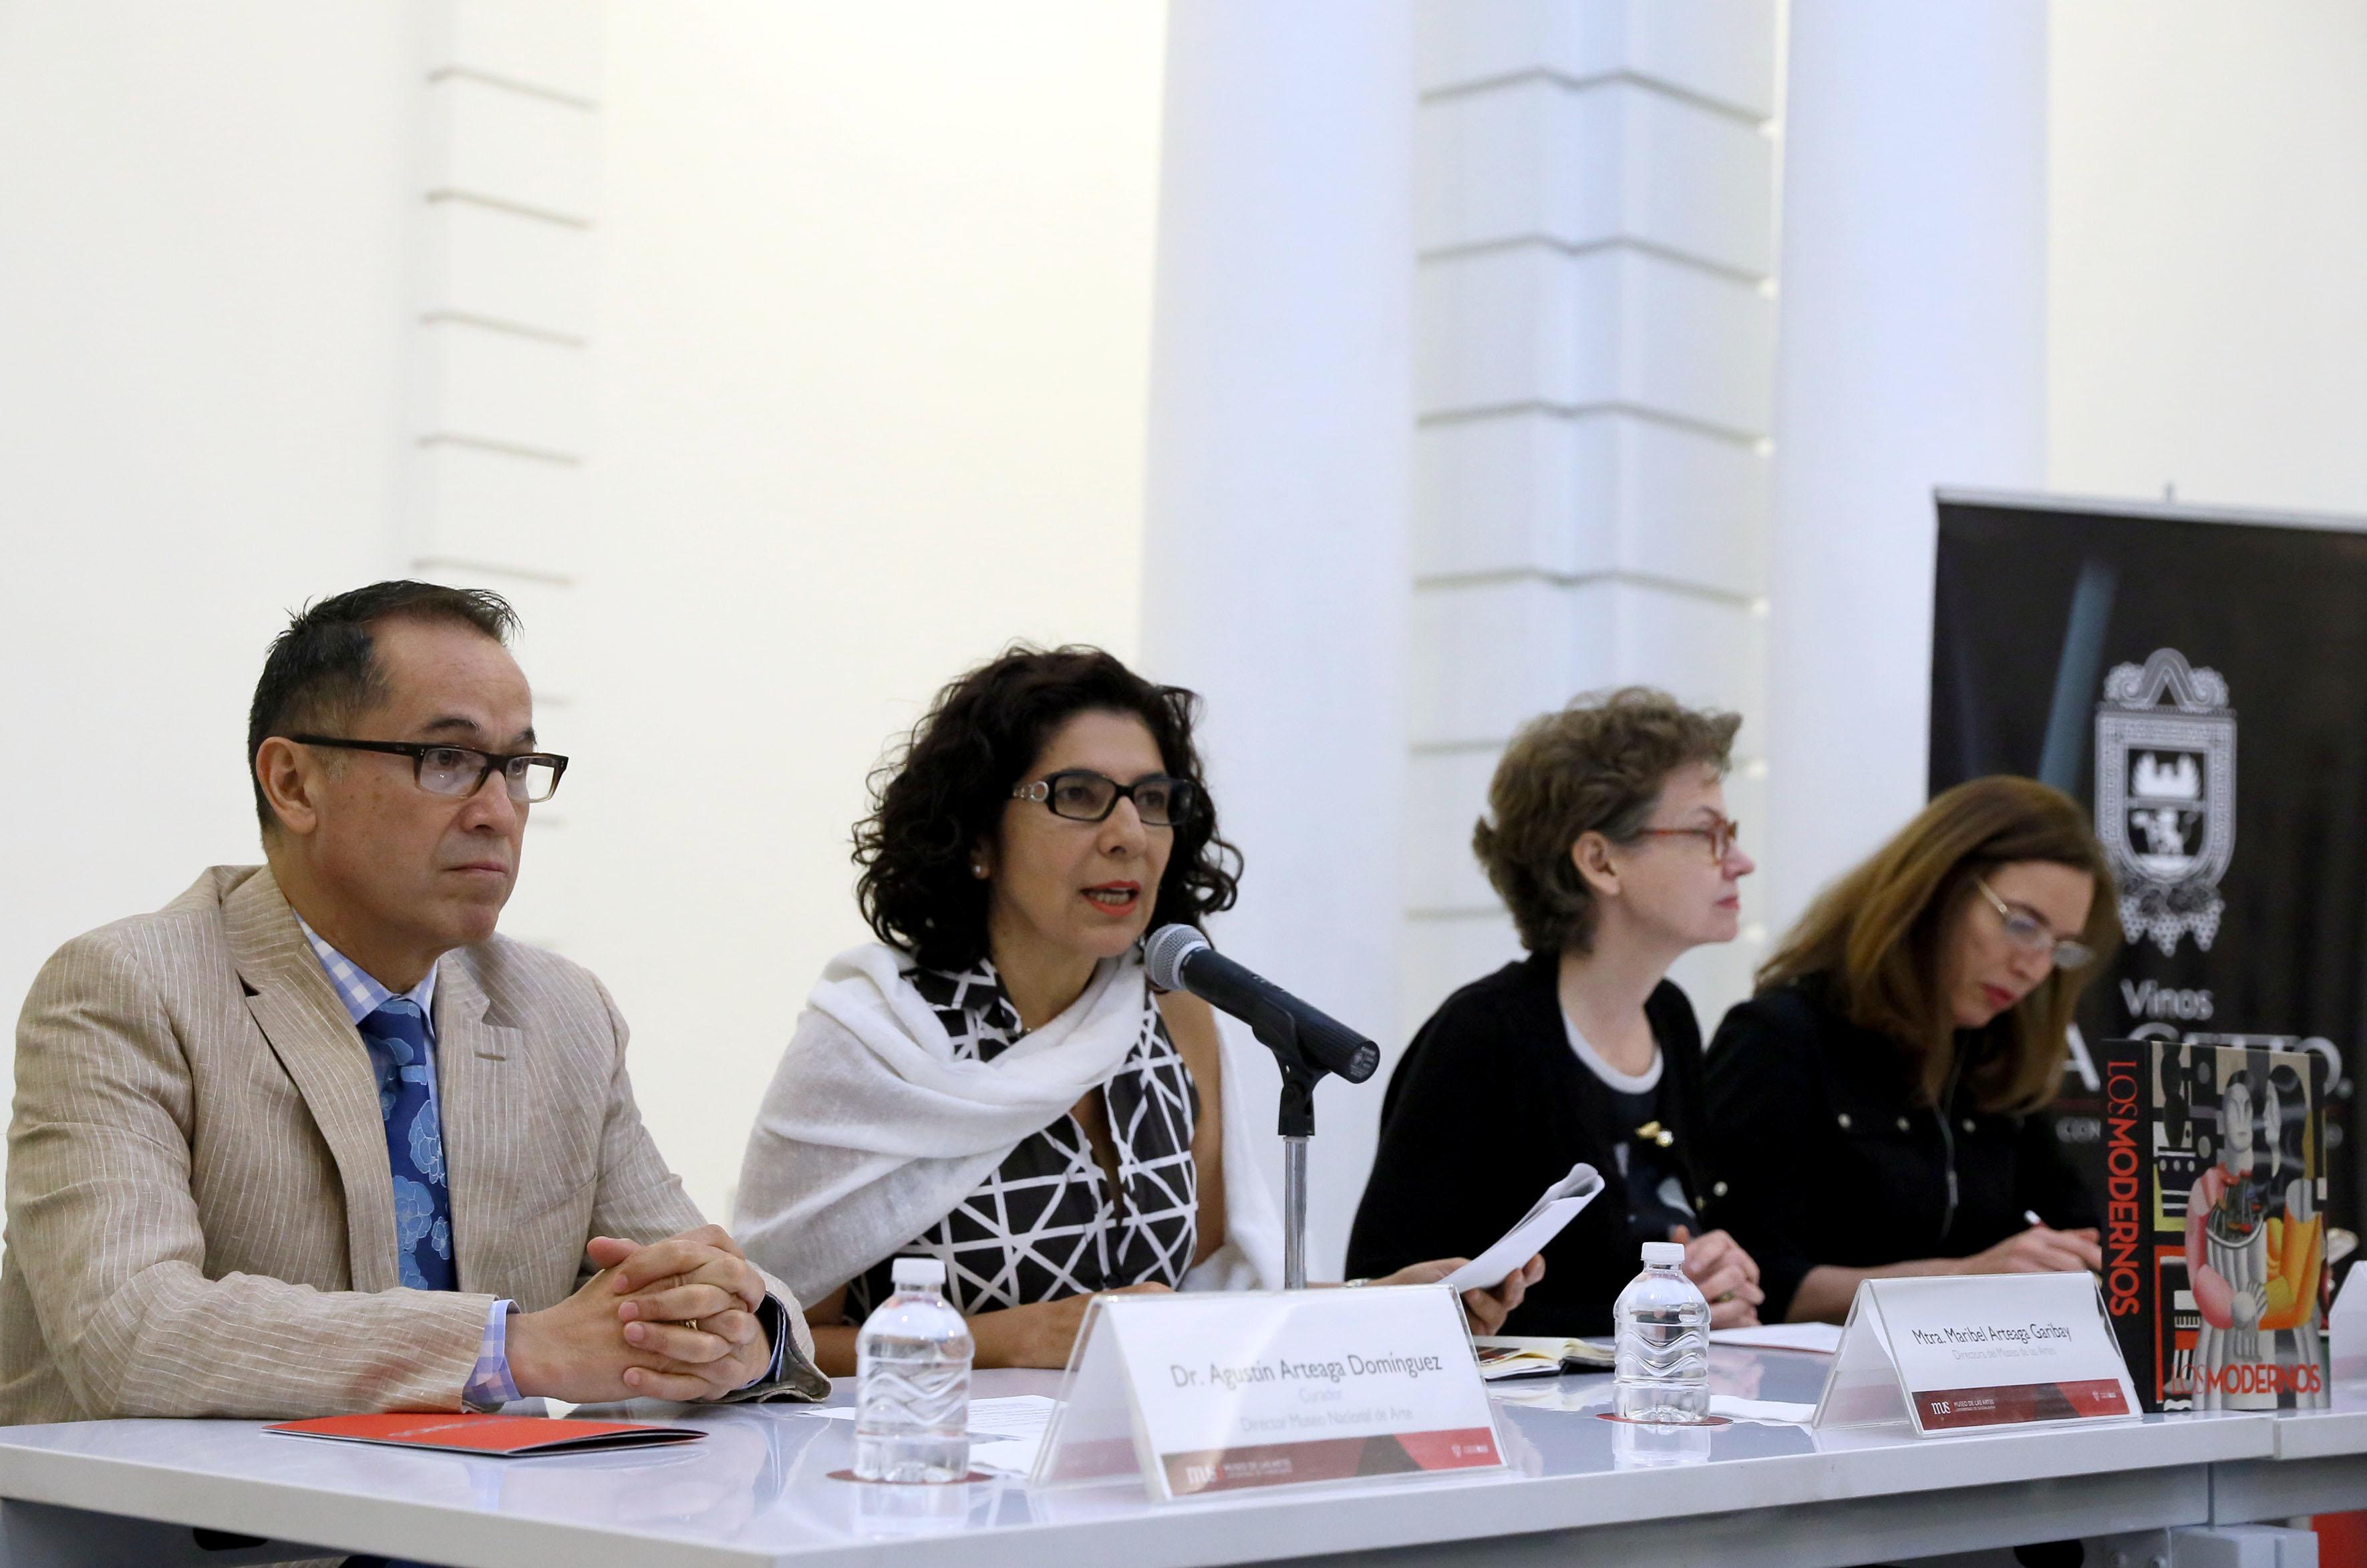 Mtra. Maribel Arteaga Garibay directora del museo de las artes haciendo uso de la palabra